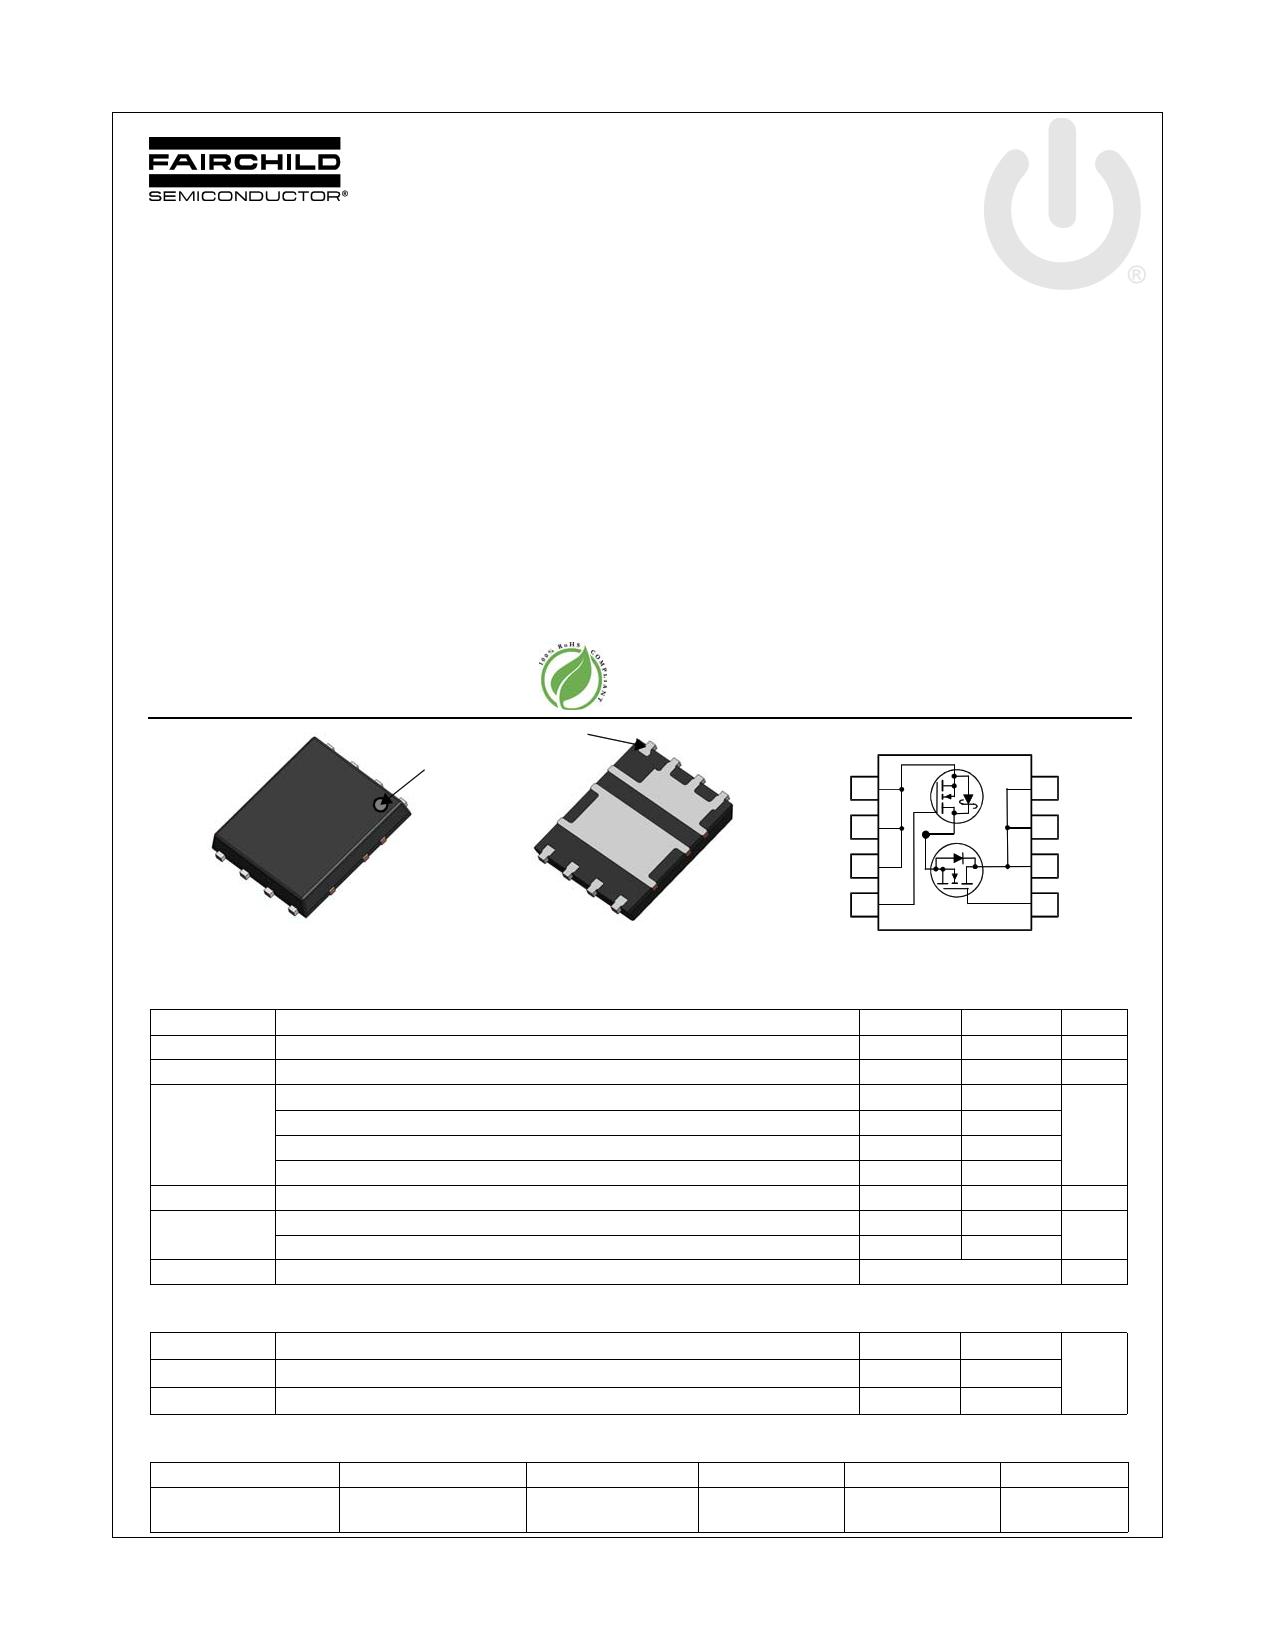 FDMS3669S 데이터시트 및 FDMS3669S PDF